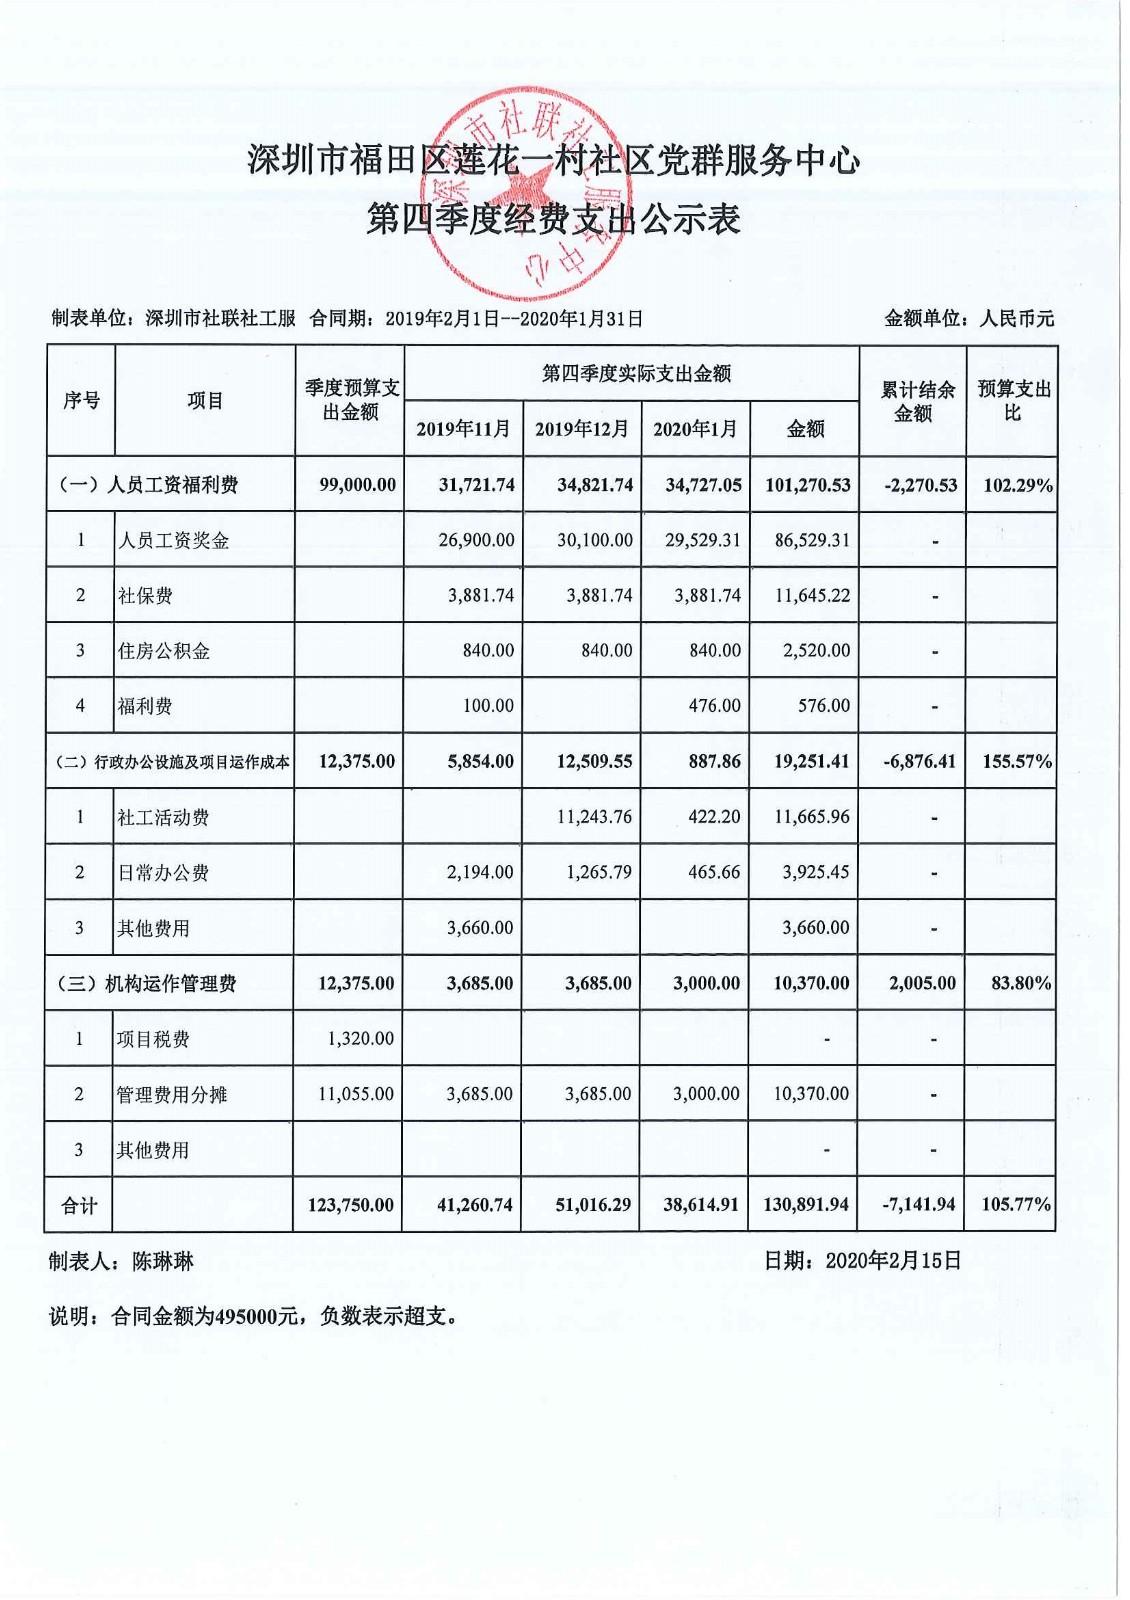 莲花一村社区第四季度经费支出公示表